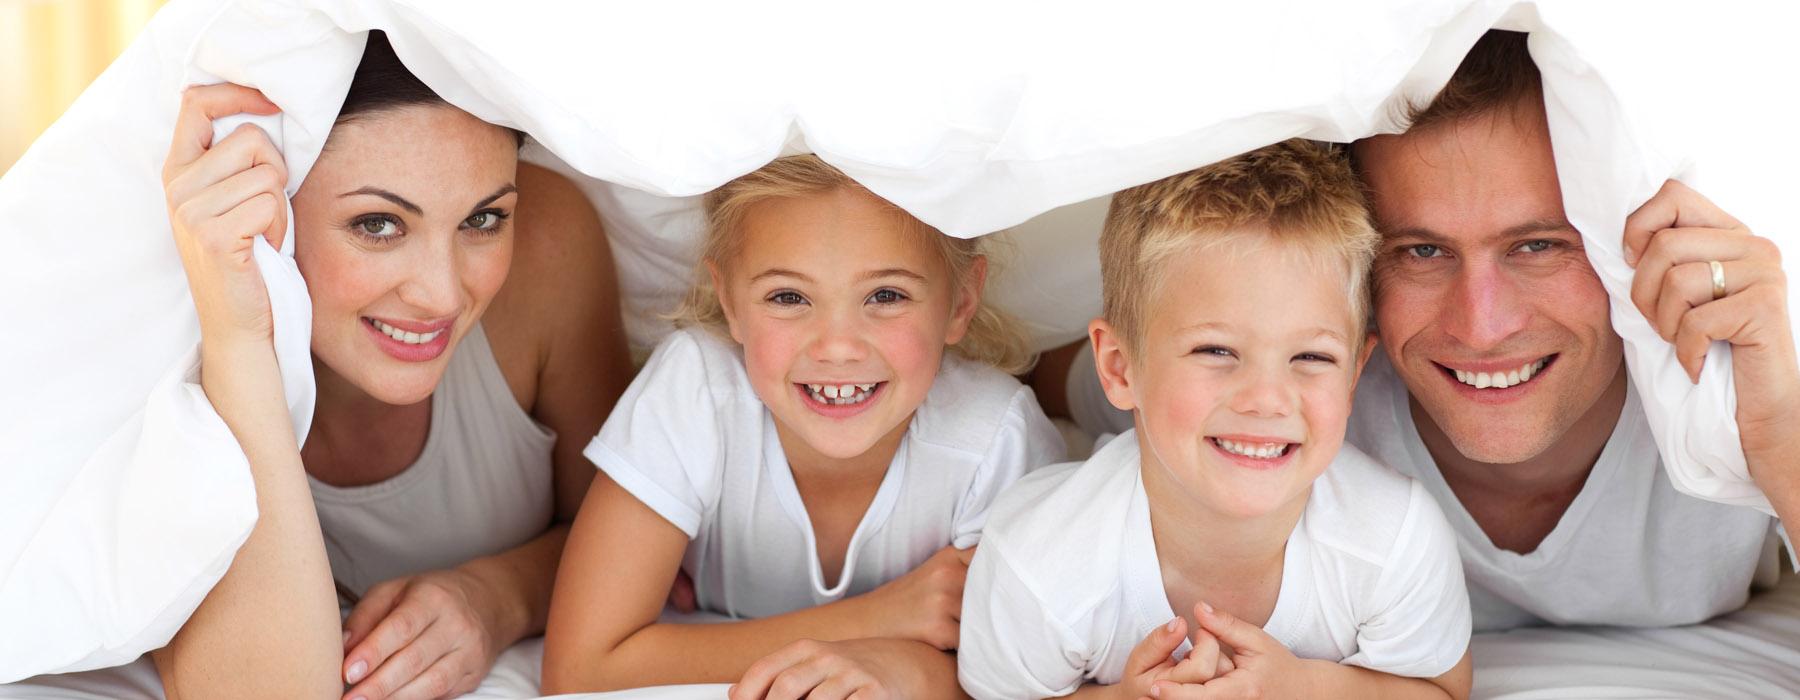 Hébergement gratuit enfants